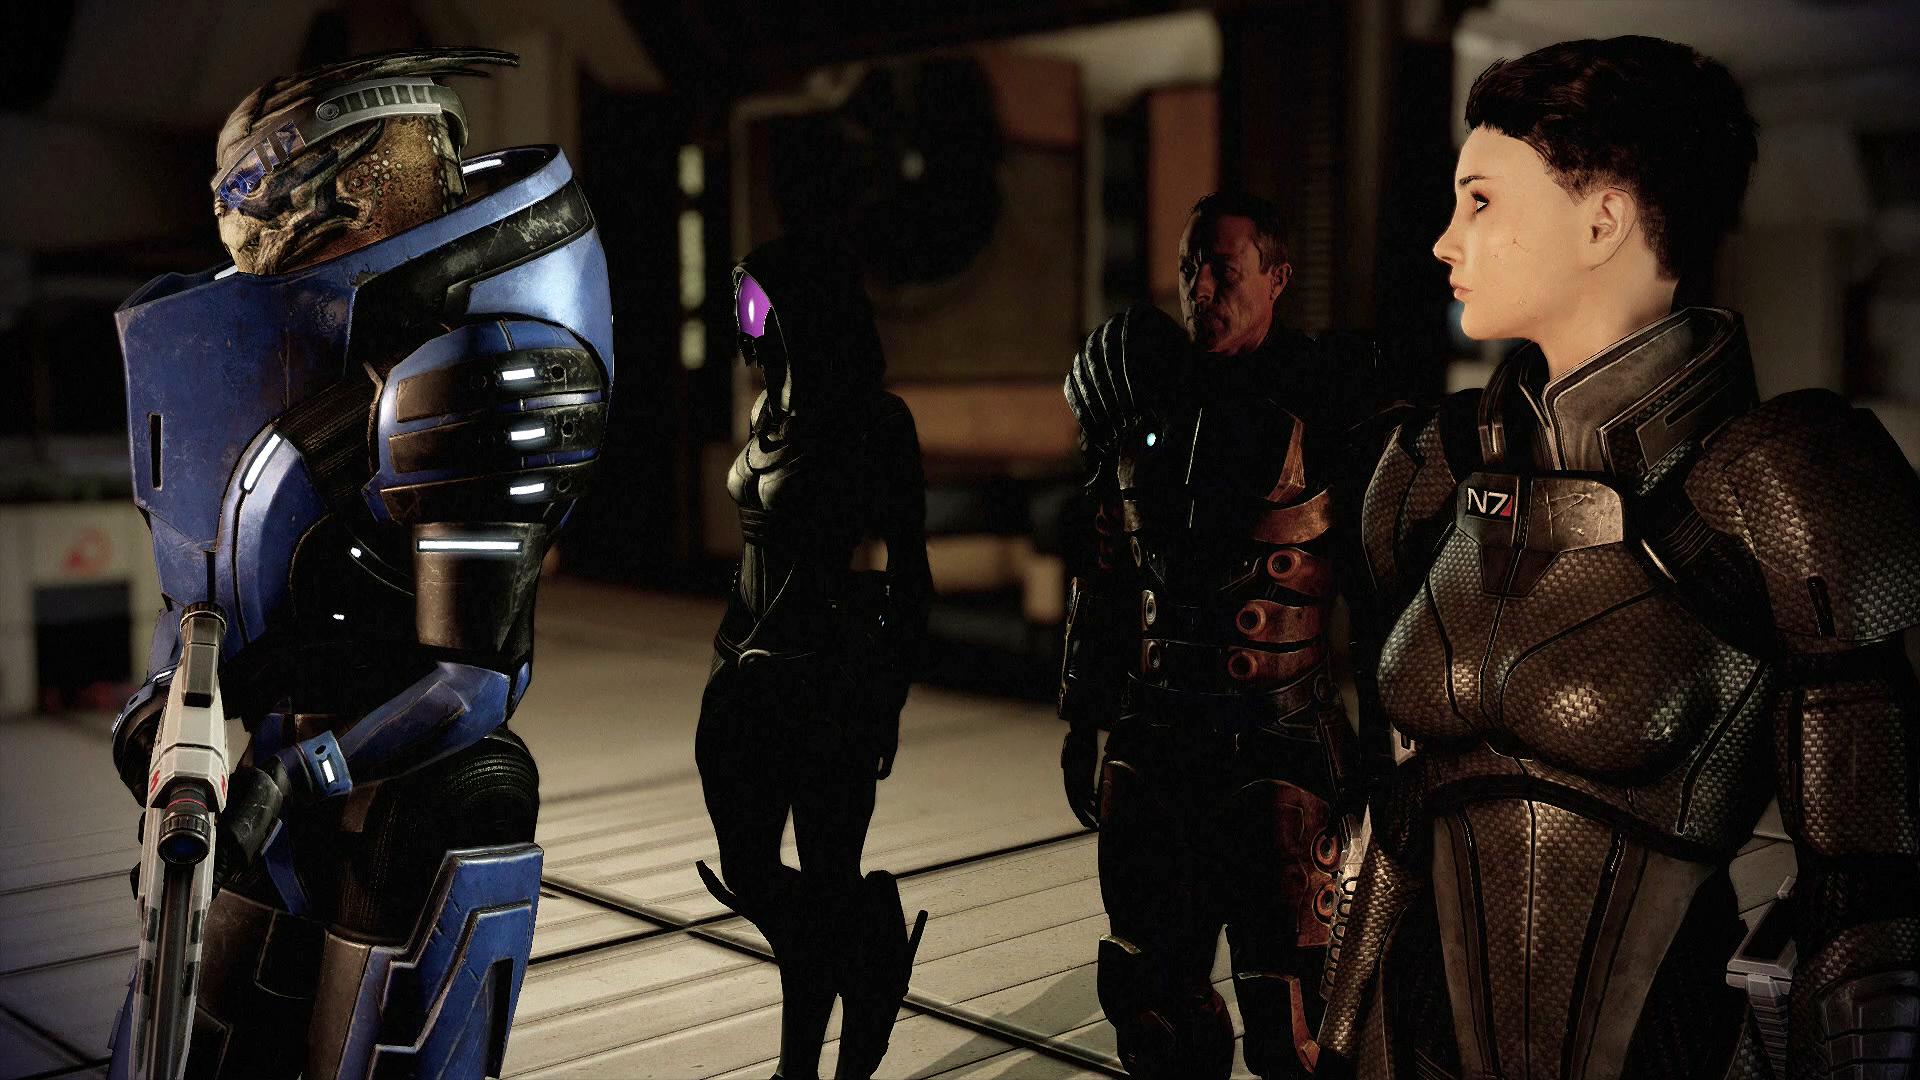 Mass Effect Legendary Edition 2021.06.12 - 00.57.27.19.mp4_20210612_012007.770.jpg - Mass Effect Legendary Edition